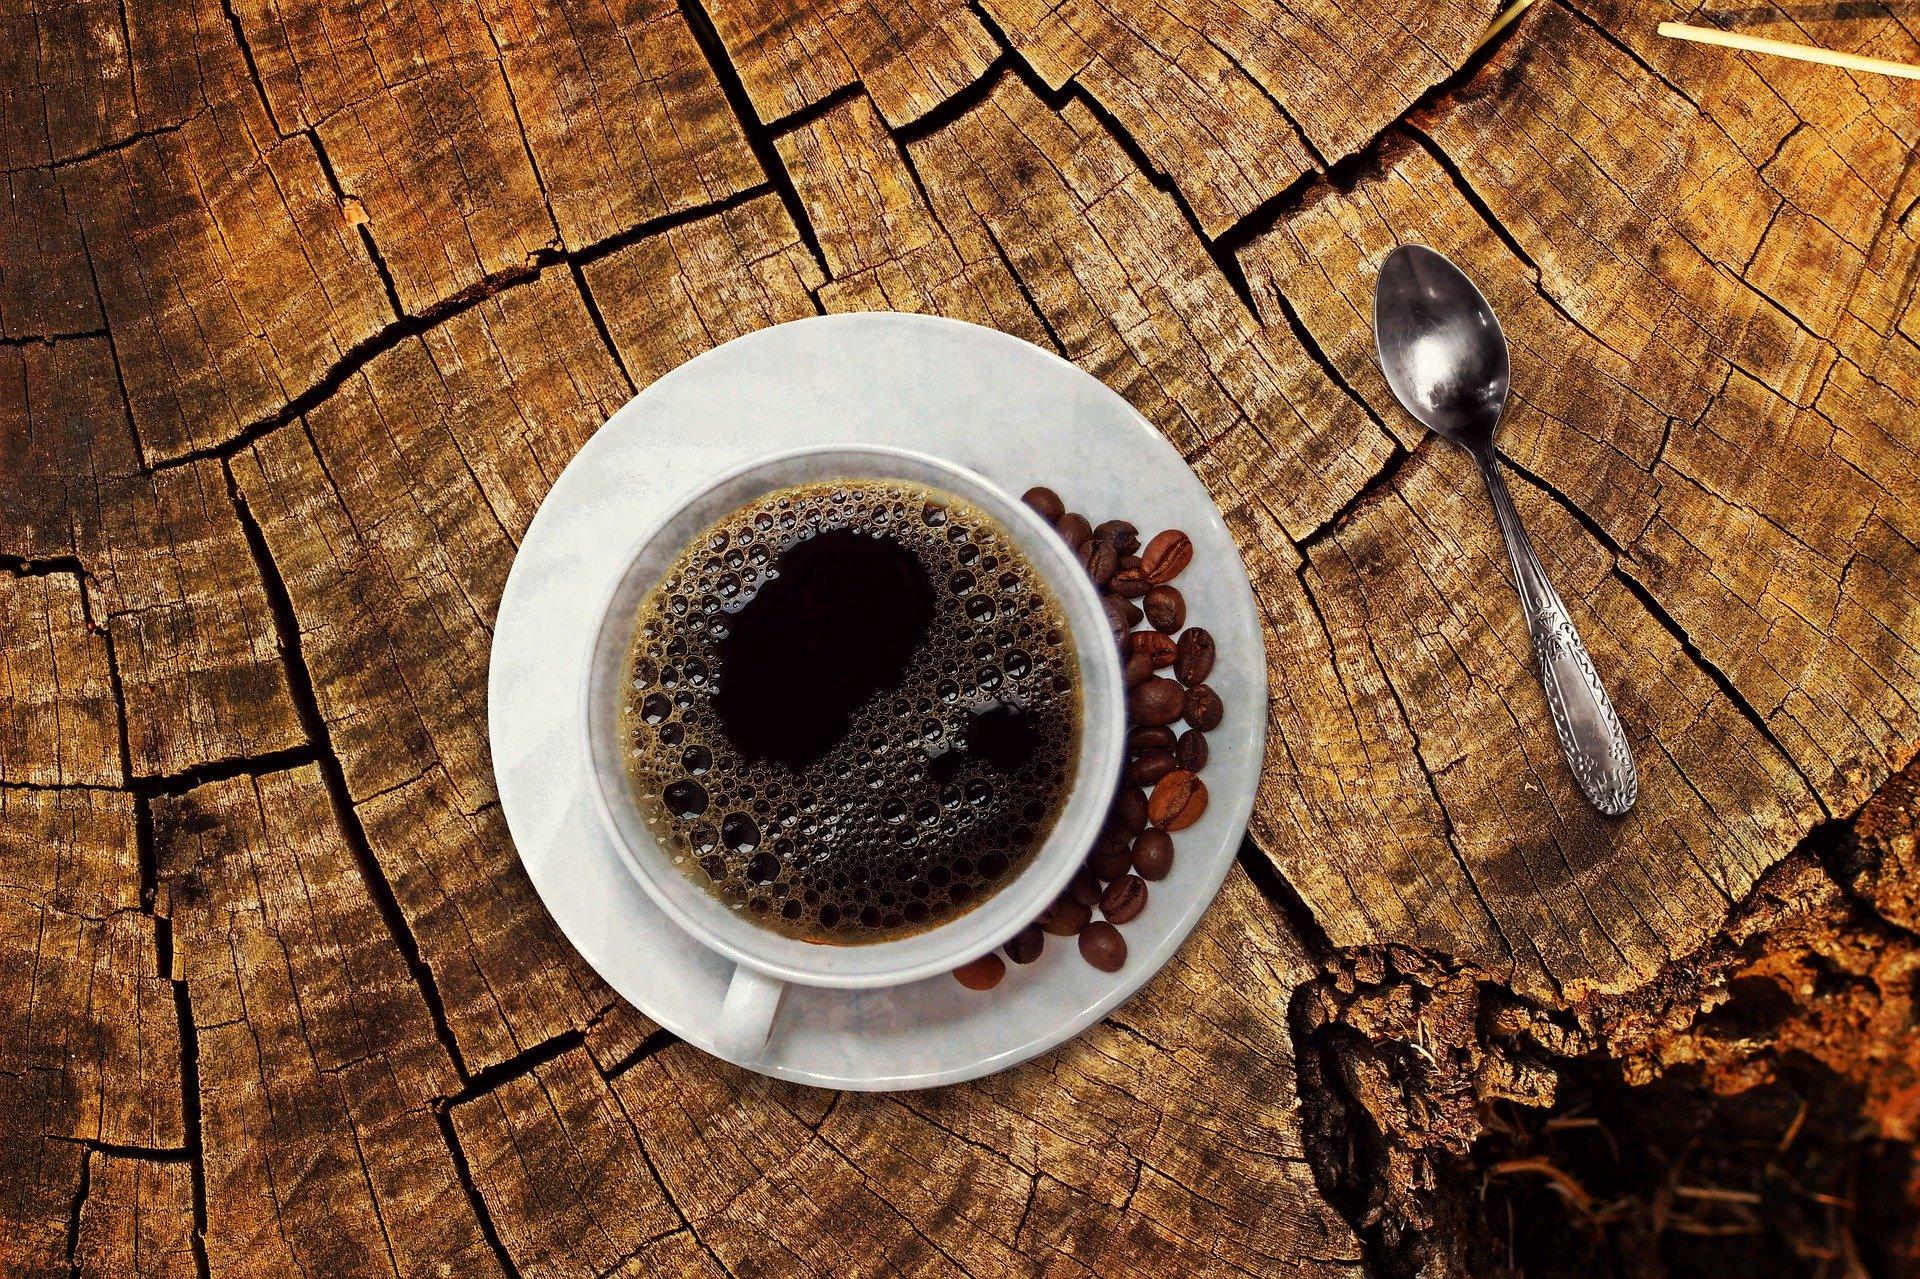 Brazília: Od zvádzania, cez pálenie kávy až po globálny trh